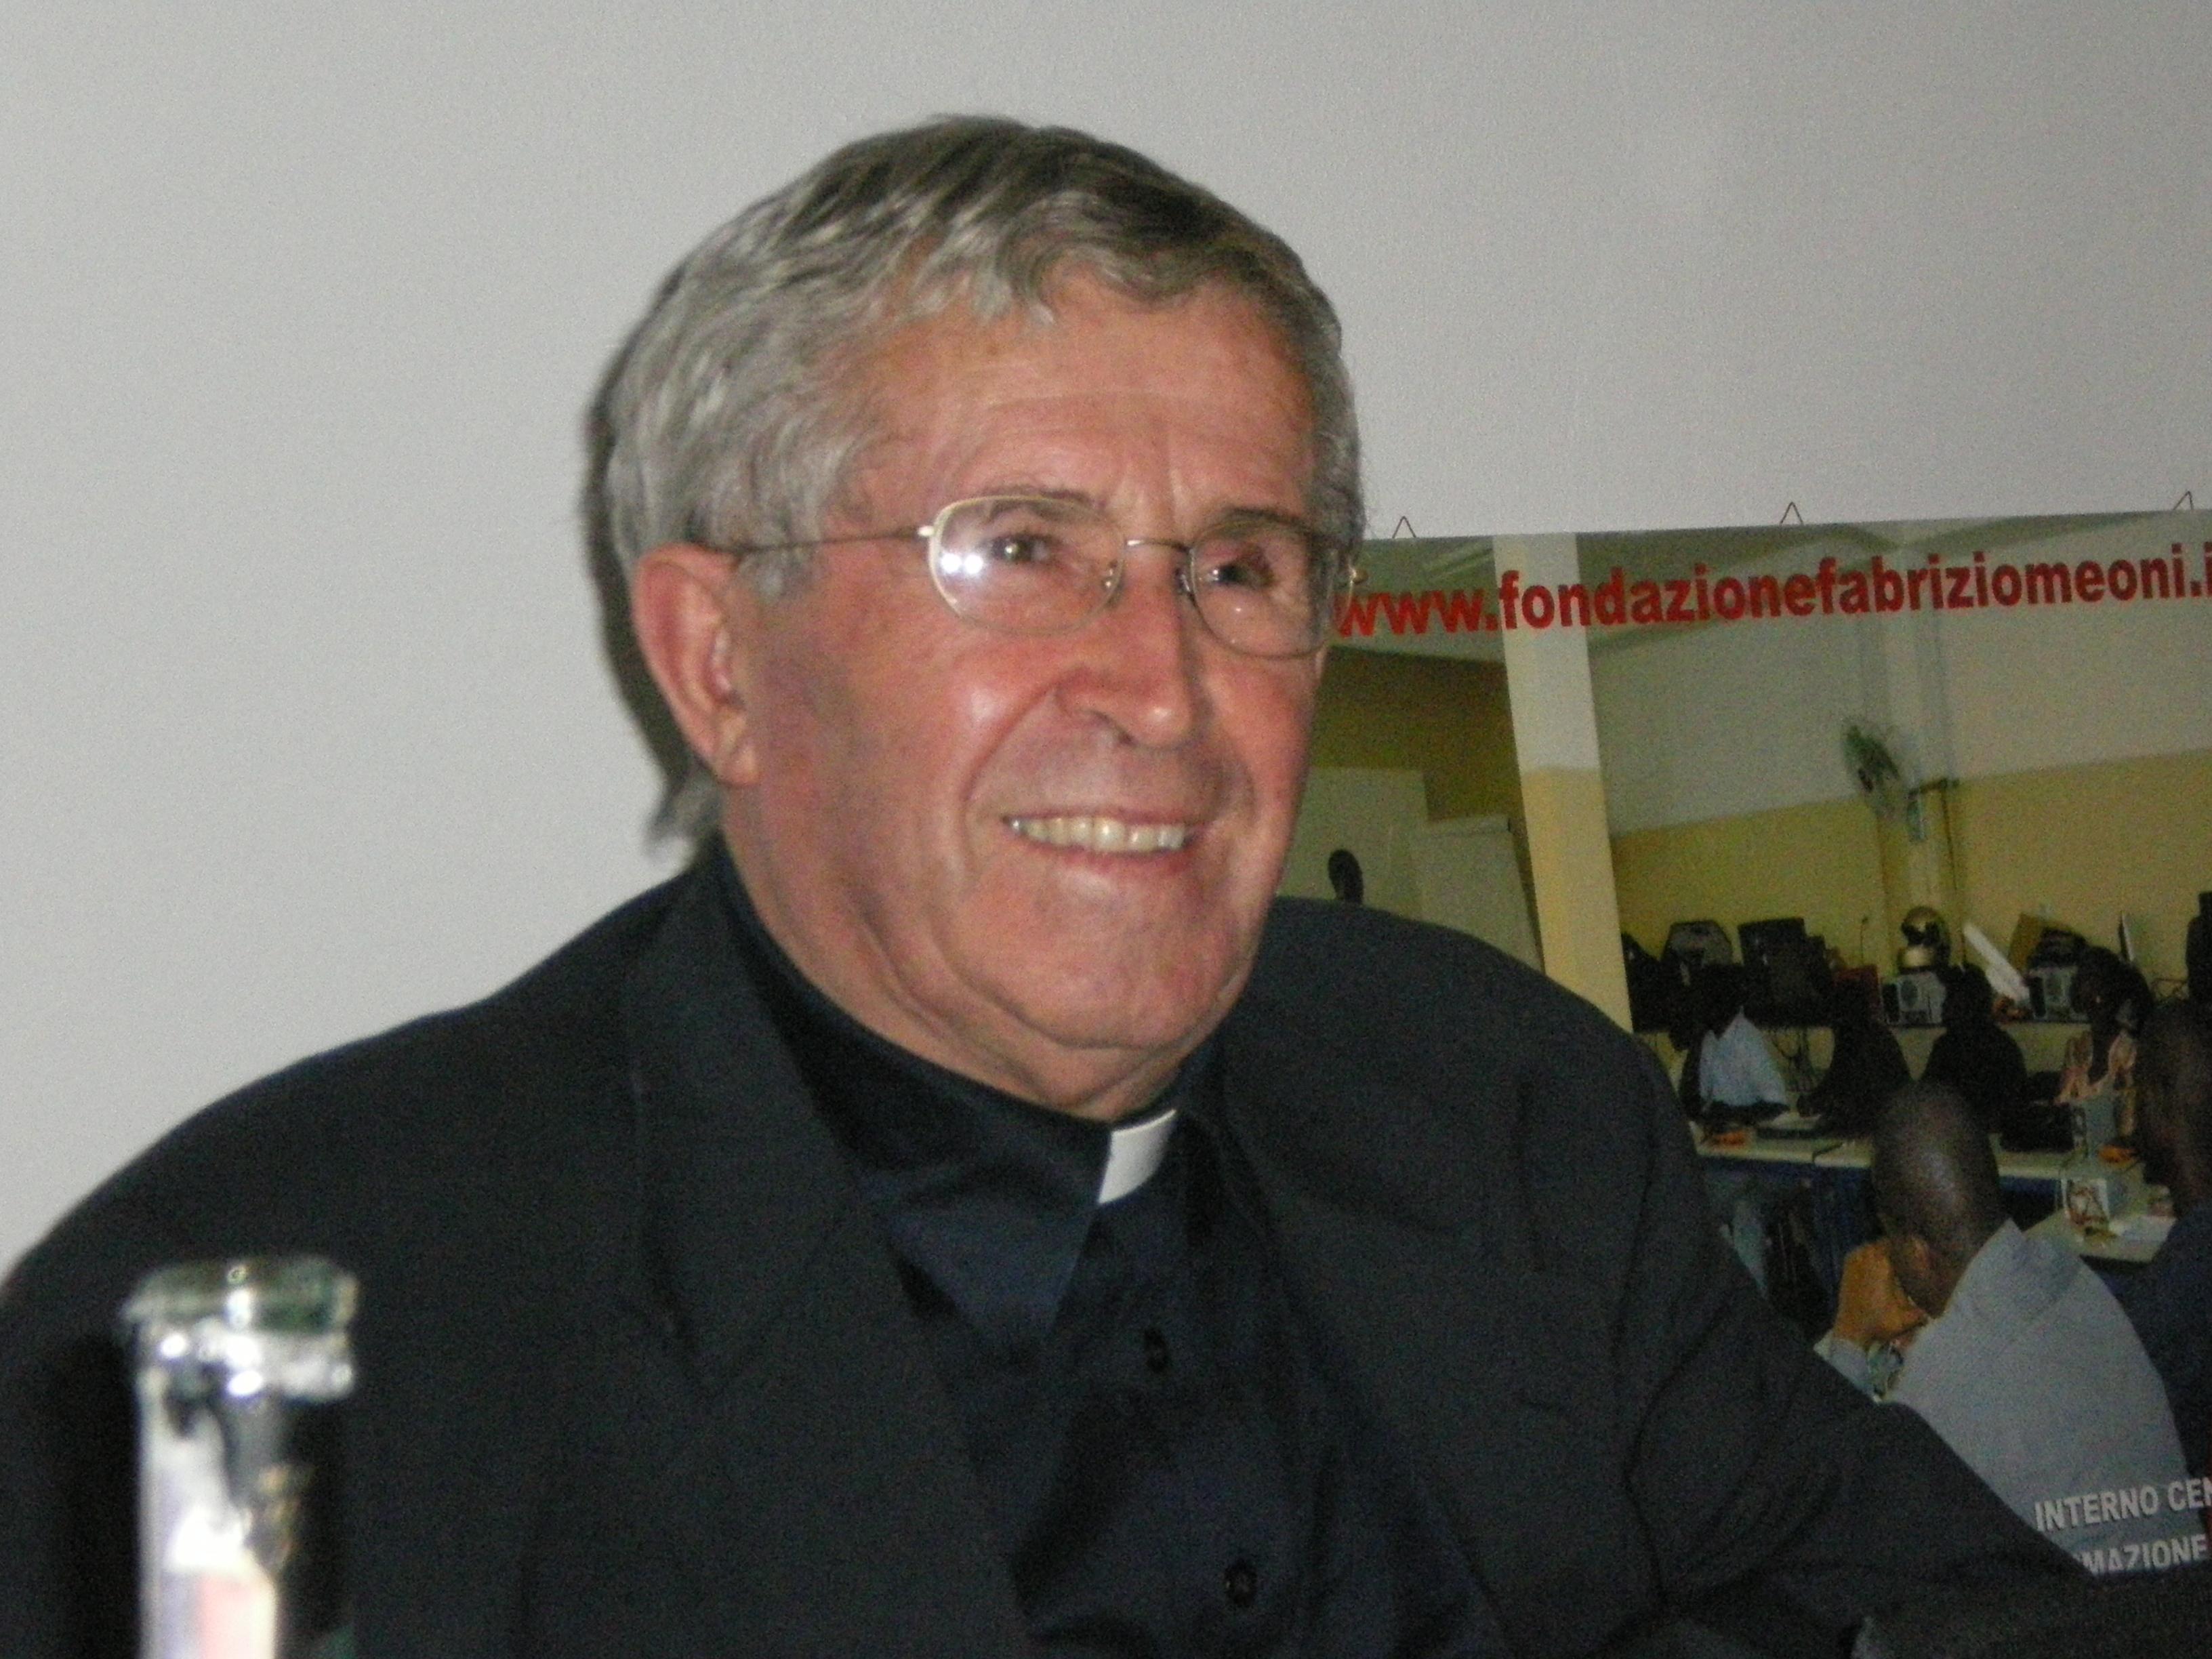 Fondazione Fabrizio Meoni Onlus: ecco gli ultimi progetti